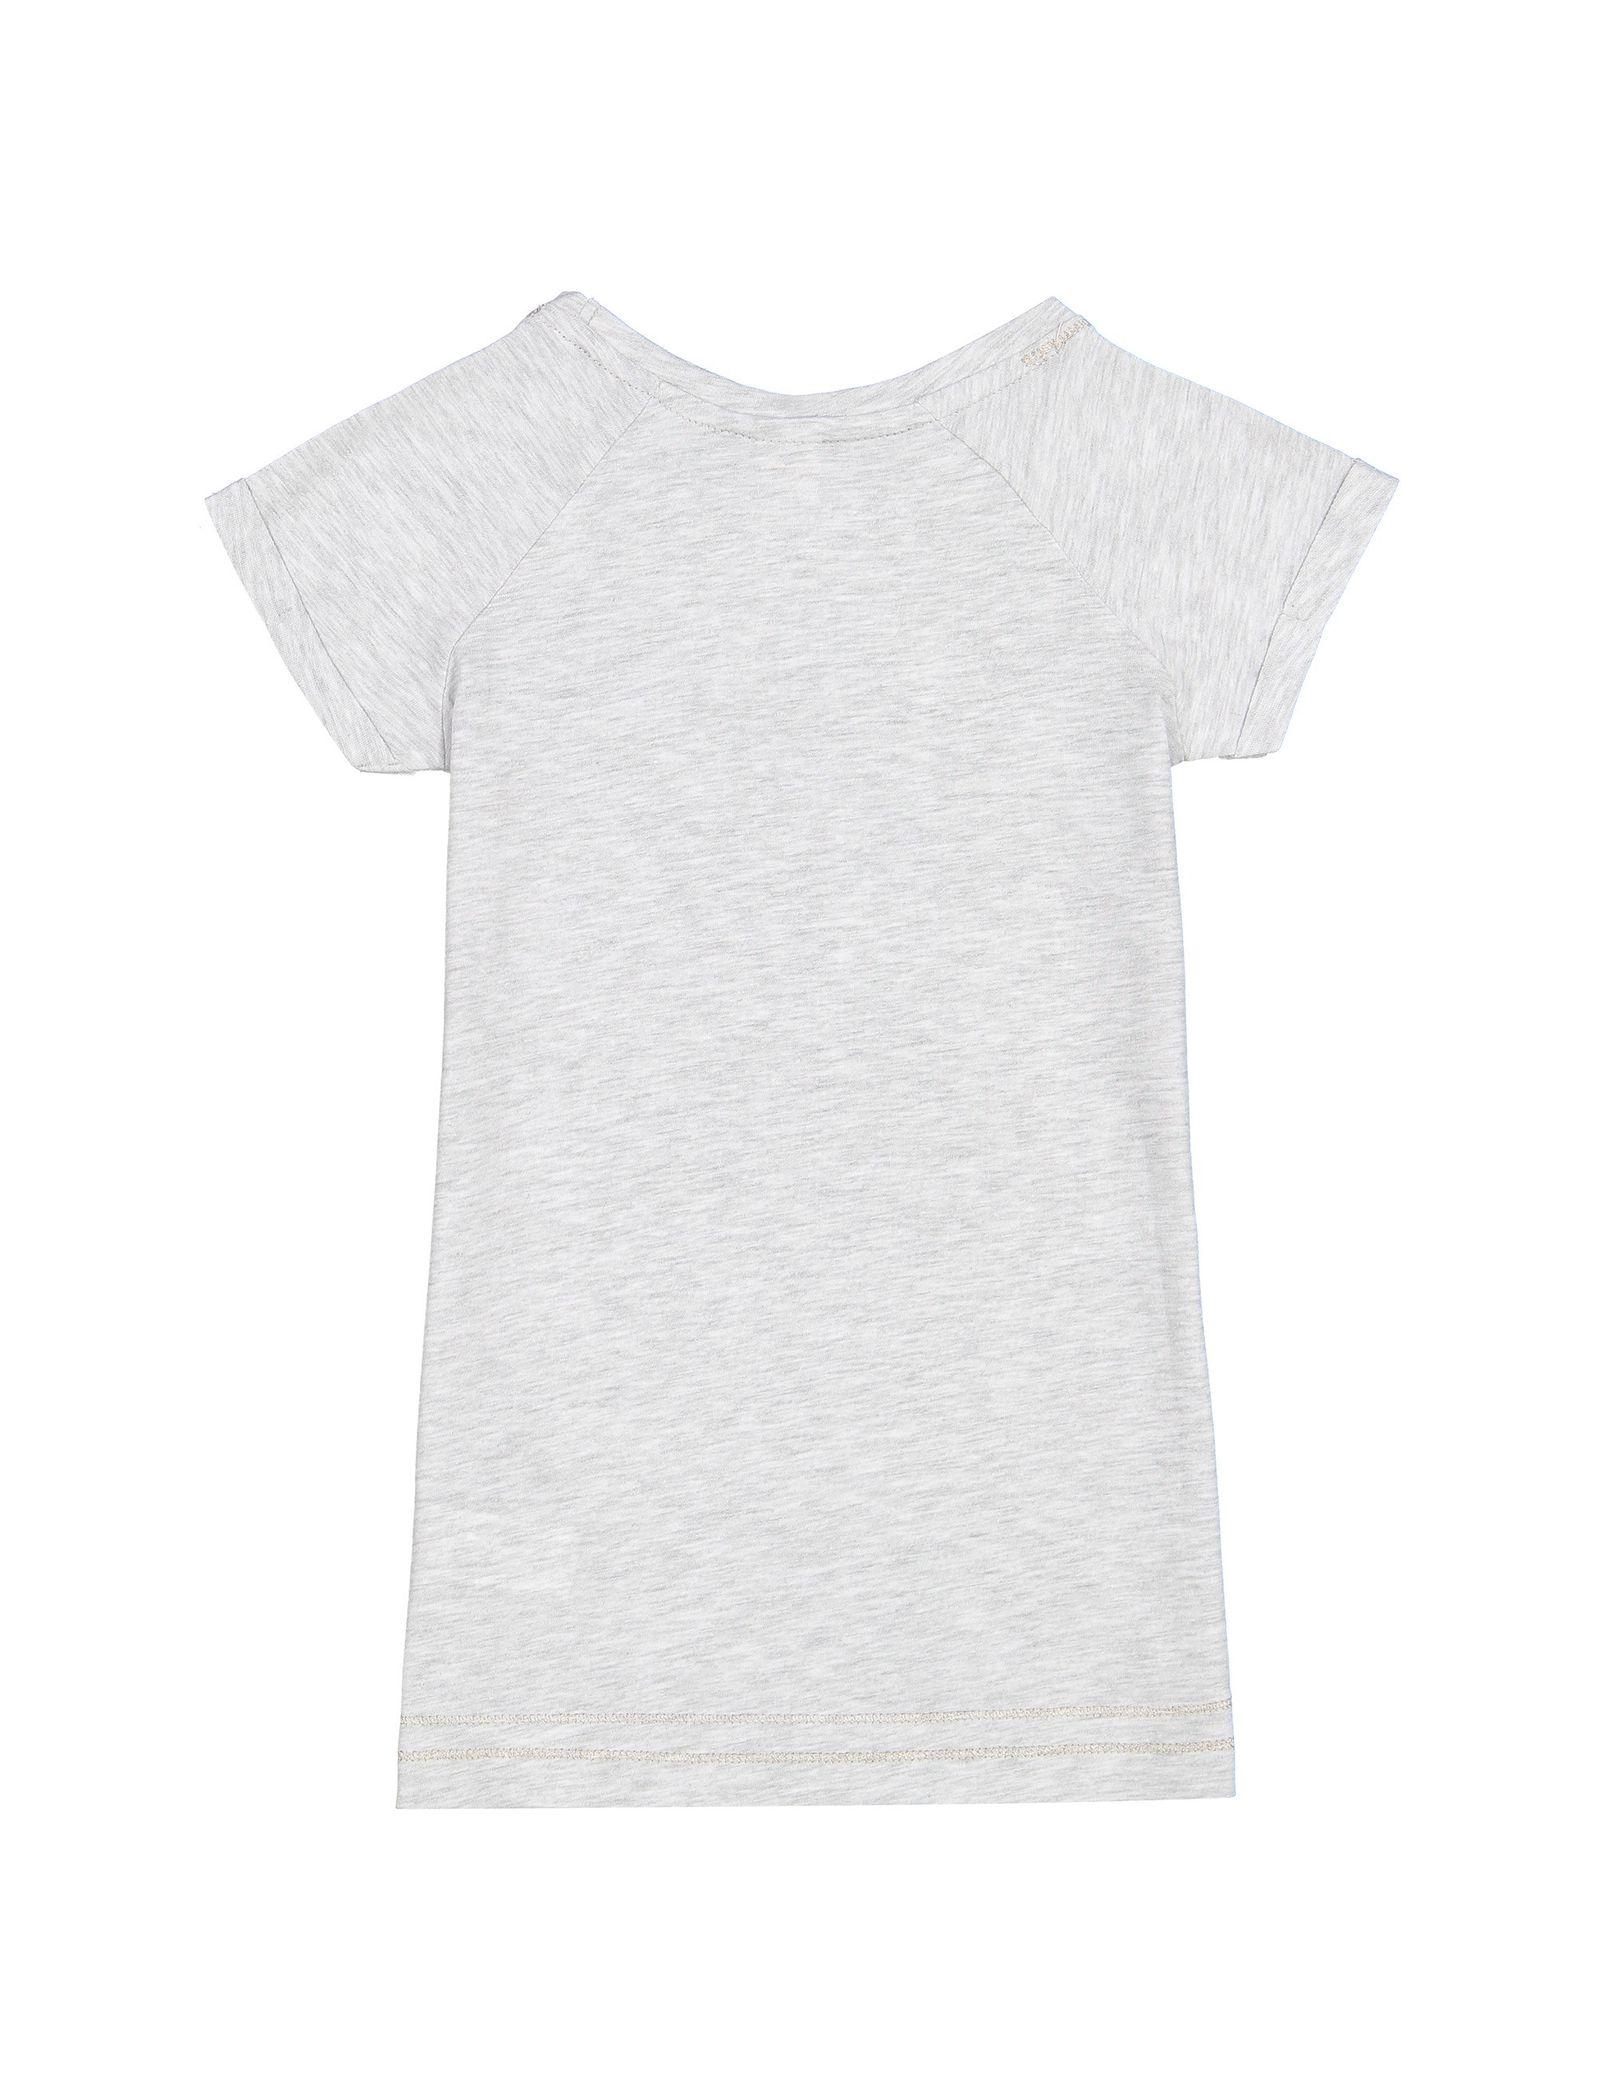 لباس خواب نخی میدی دخترانه - ال سی وایکیکی - طوسي - 2